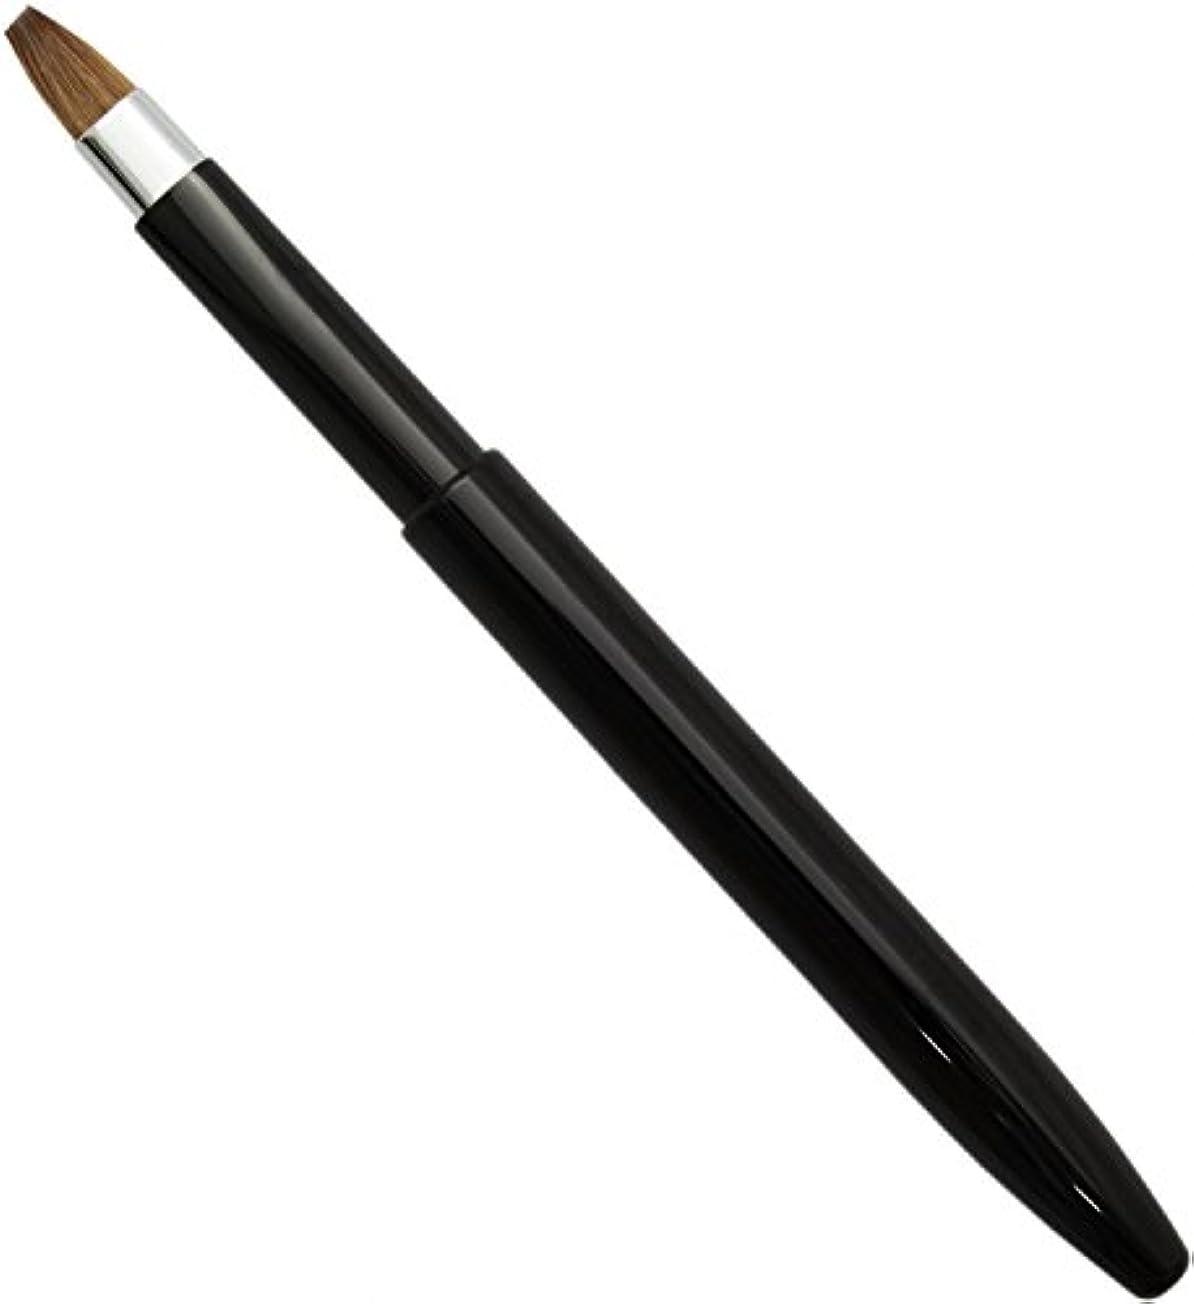 内向き私たちのもの銛熊野筆 メイクブラシ KUシリーズ リップブラシ オート イタチ毛